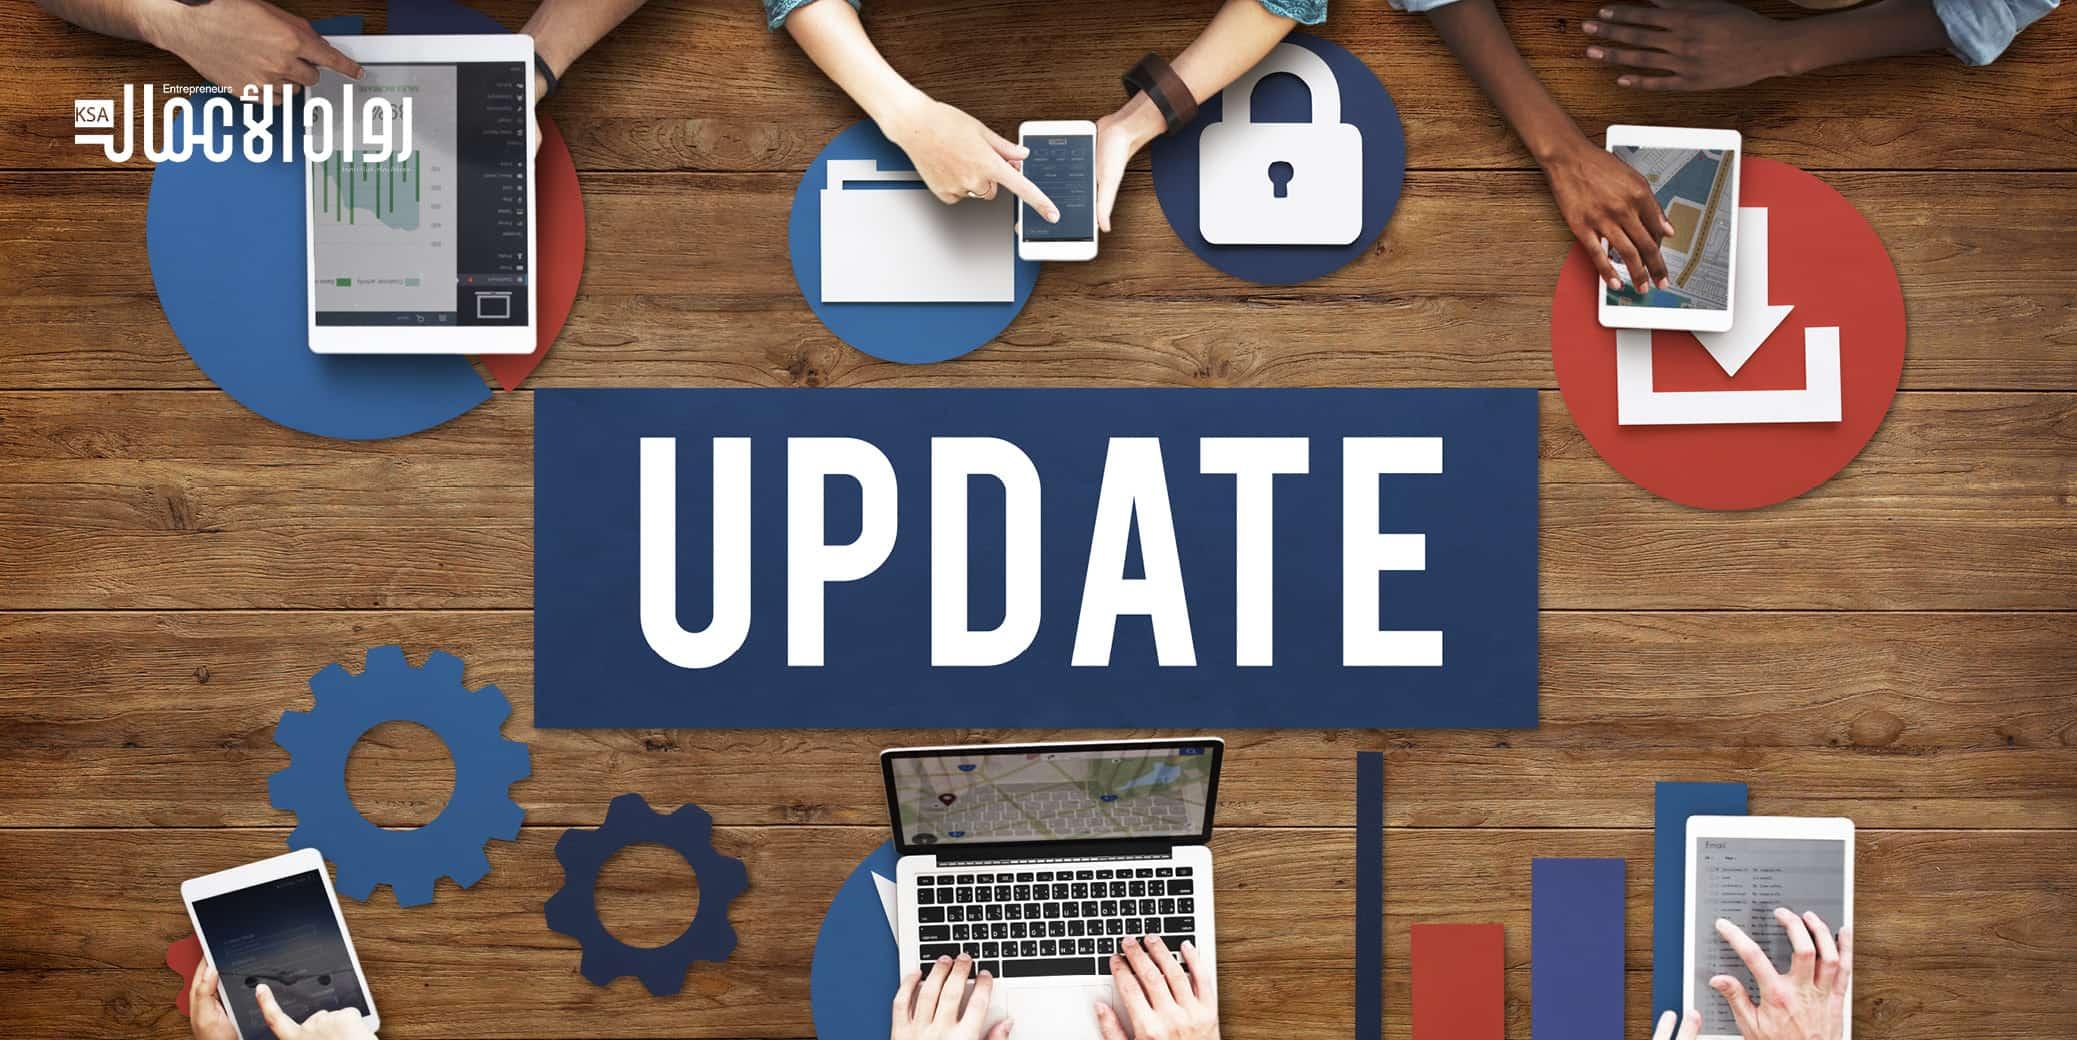 تحديثات مواقع التواصل الاجتماعي